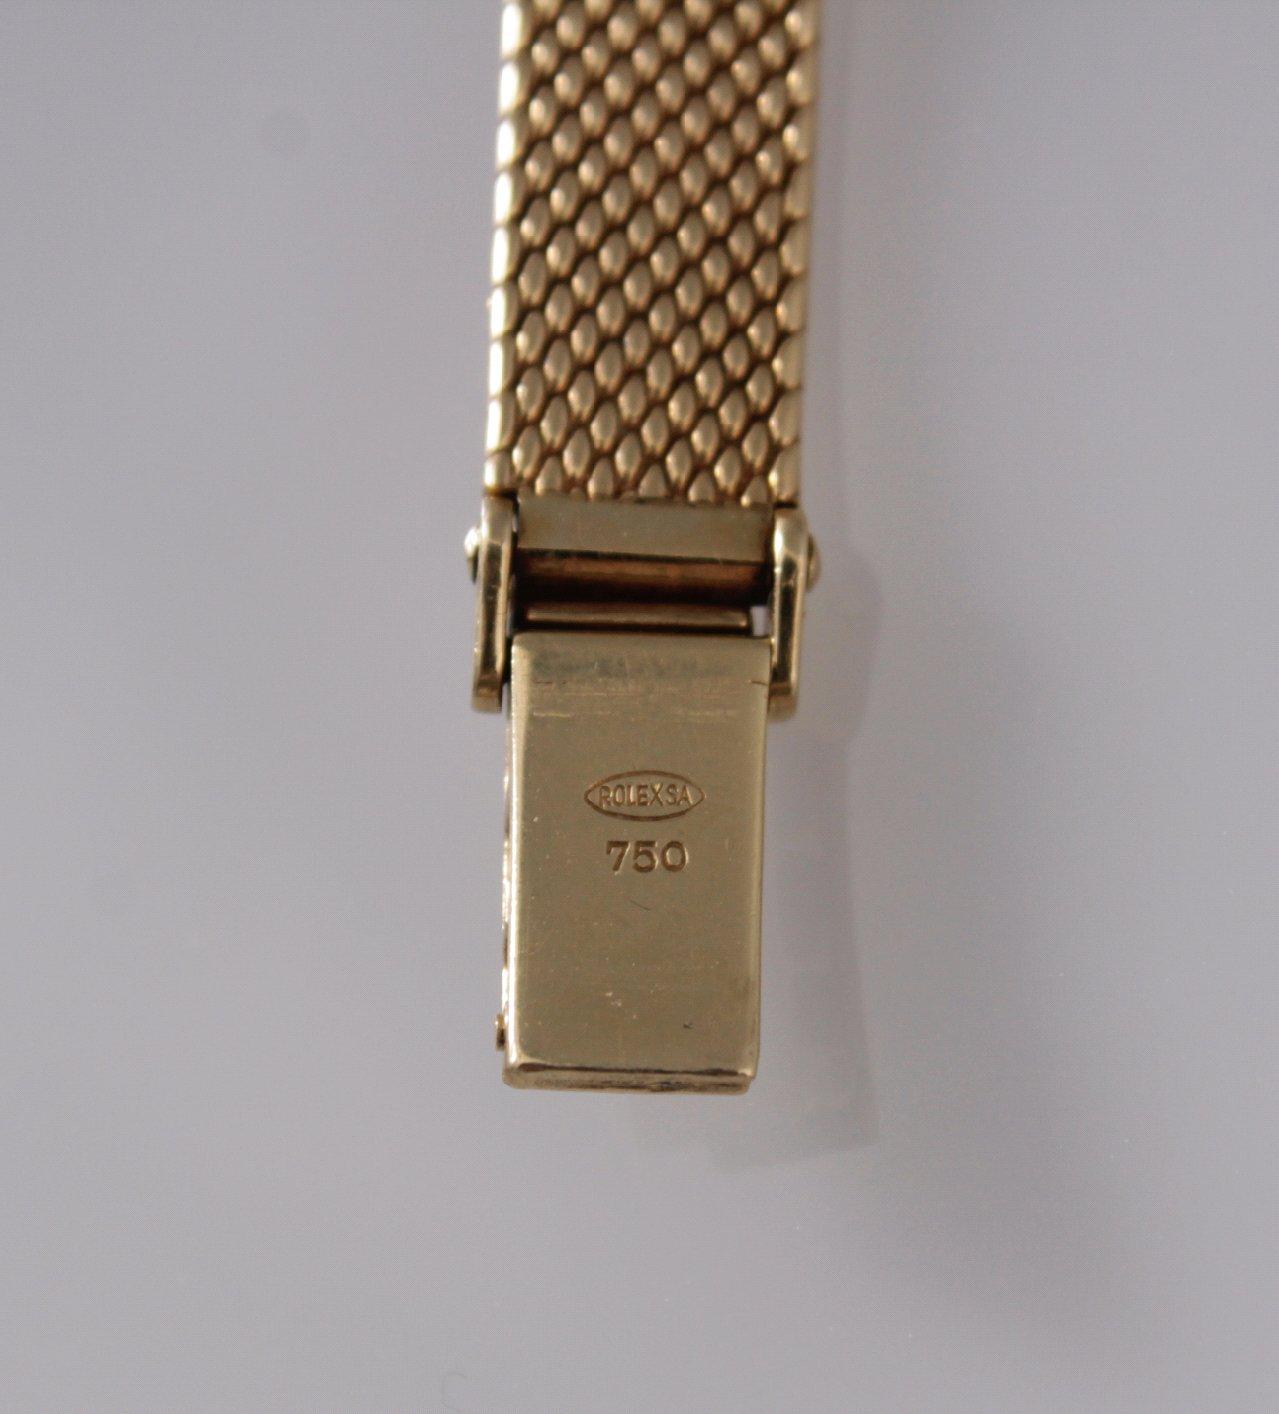 Rolex Damenarmbanduhr A 277-51-4